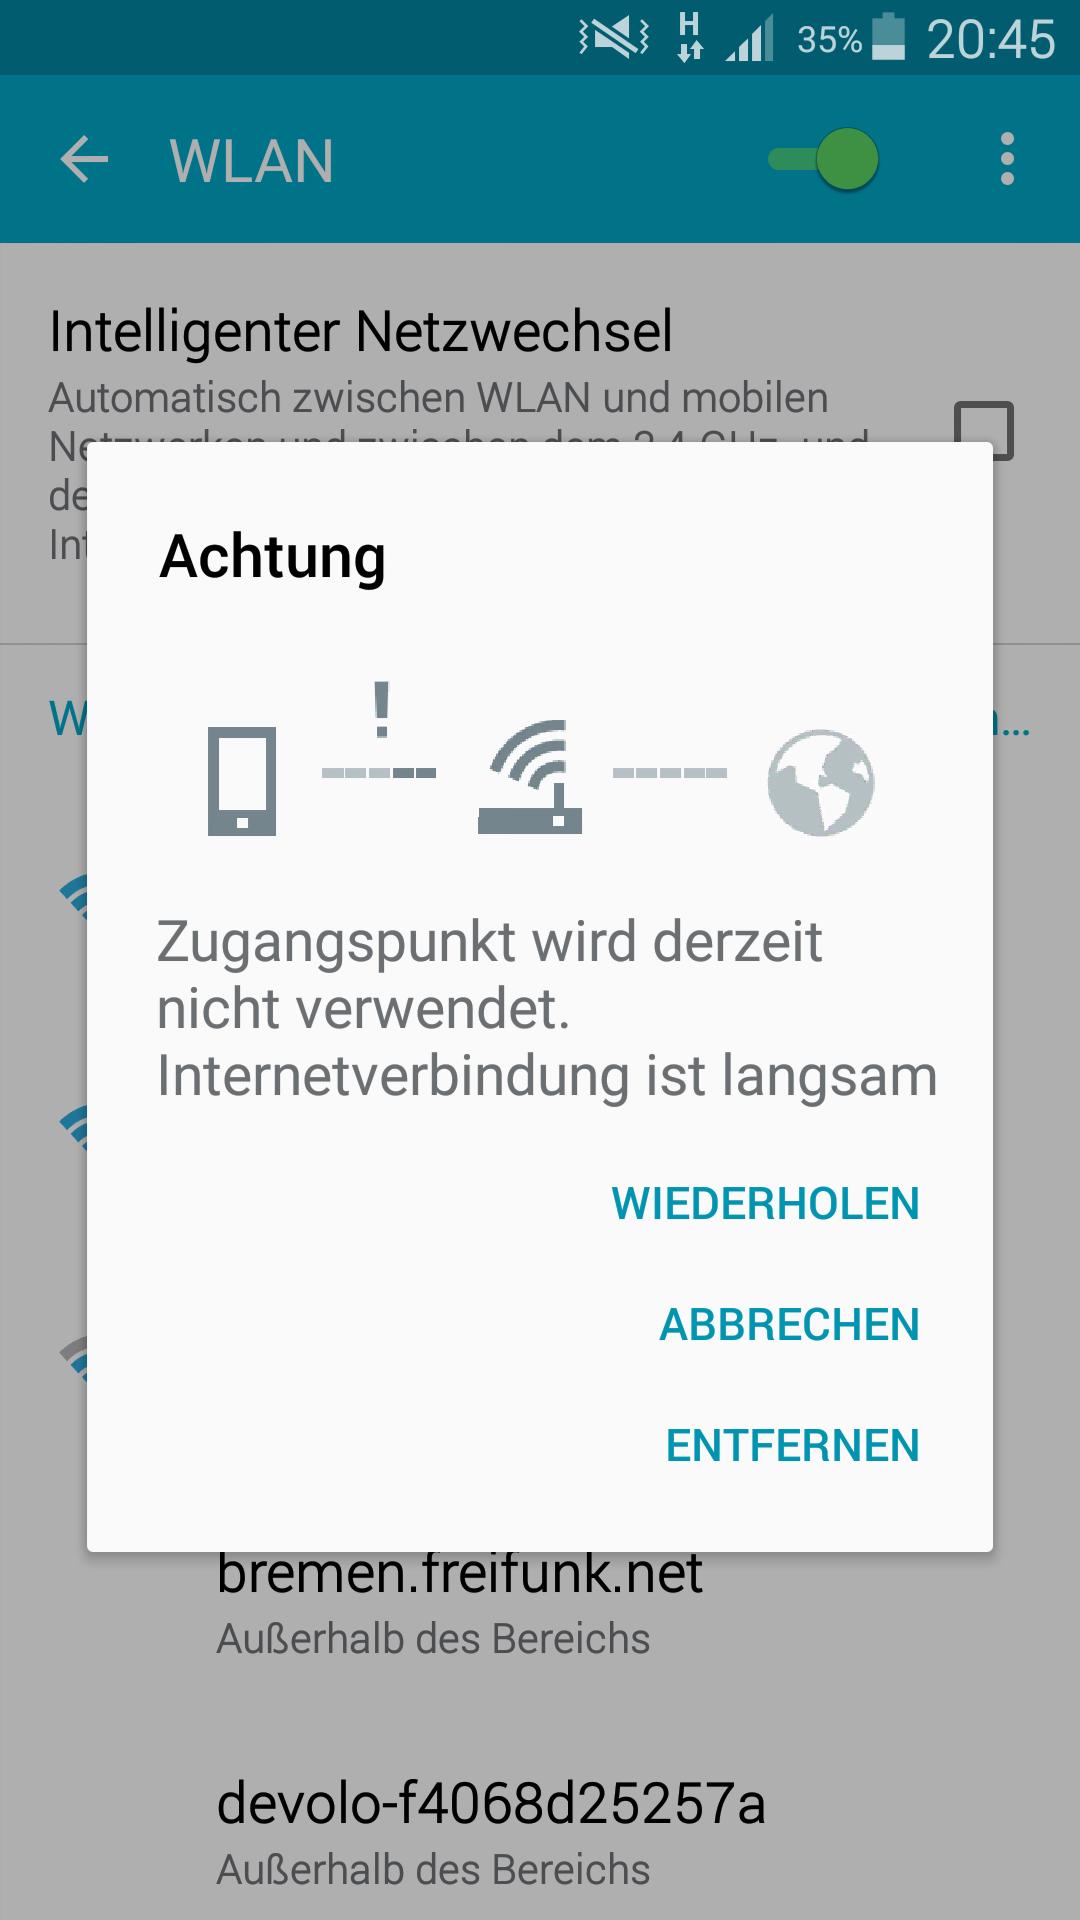 Internet: Zugangspunkt wird derzeit nicht verwendet. Was tun ...